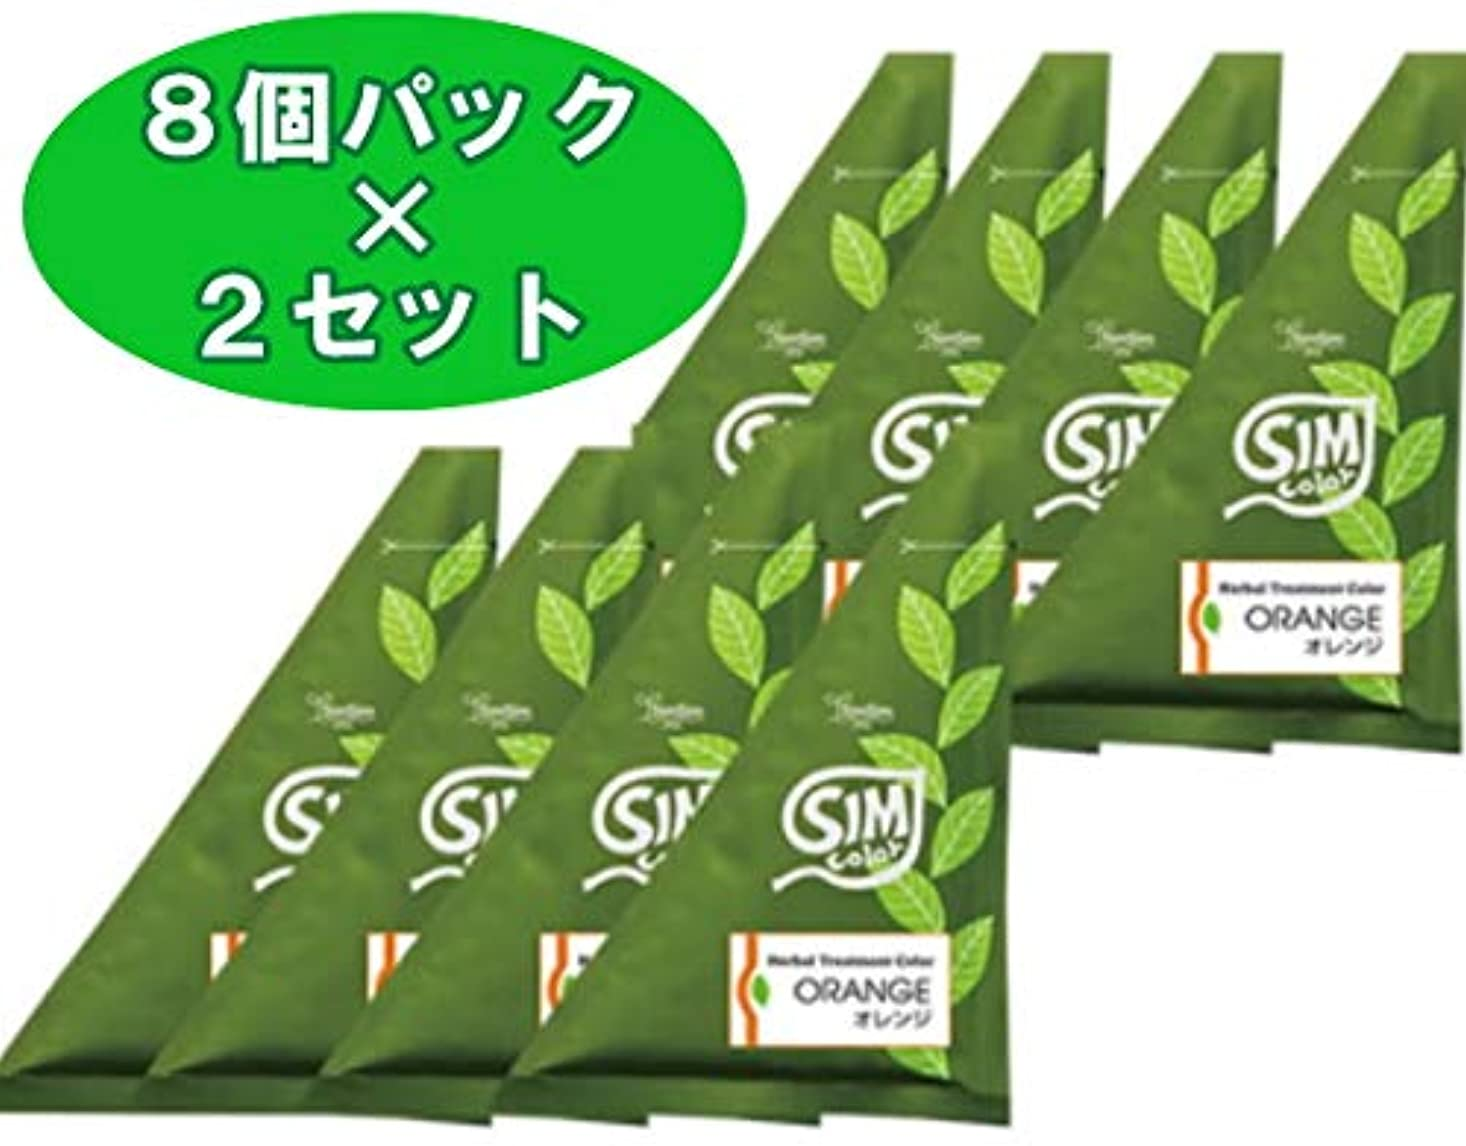 弁護士セメント熟達【 2セット 】SimSim(シムシム)お手軽簡単シムカラーエクストラ(EX)25g 8袋X2セット (ブラウン)